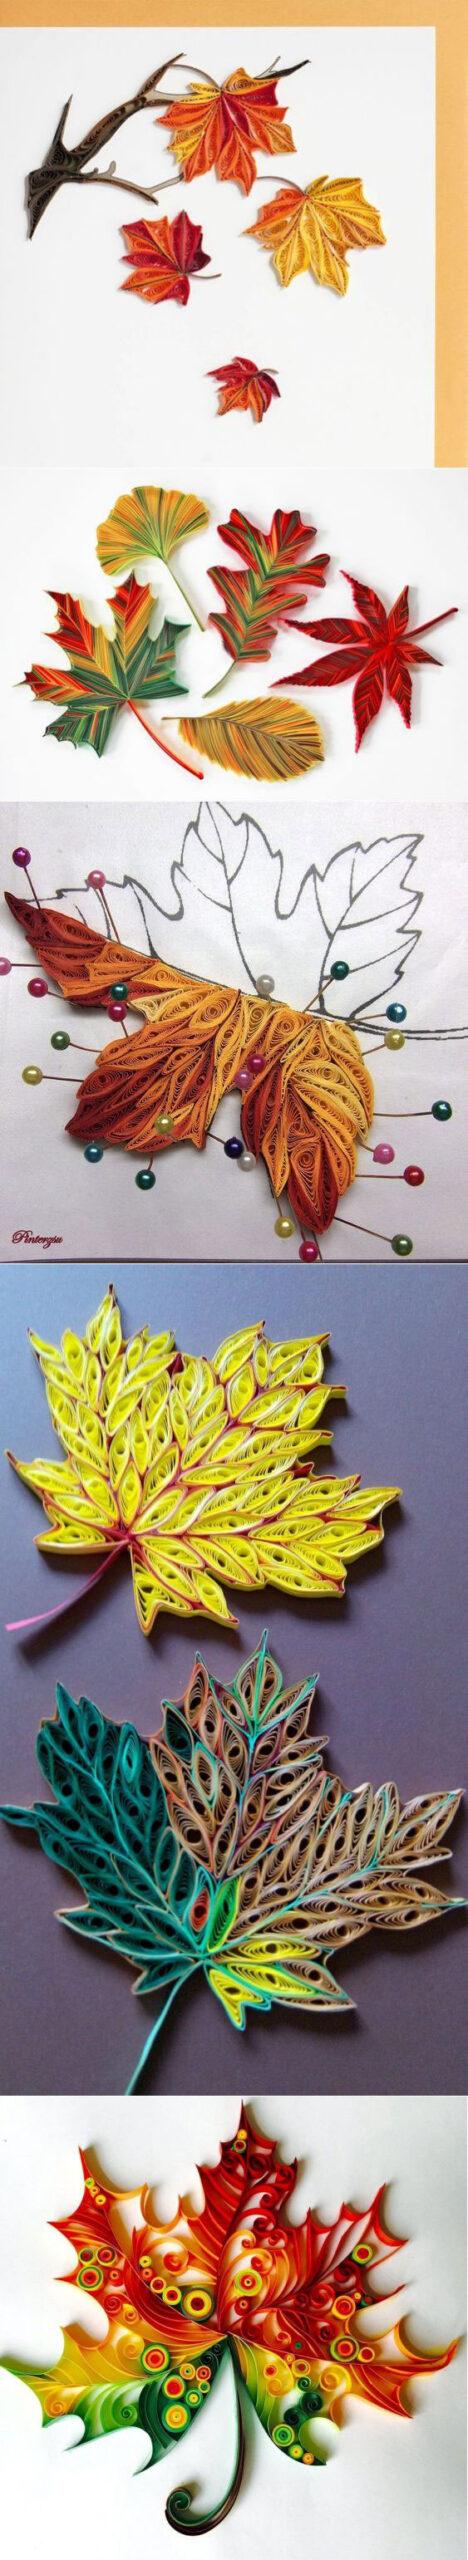 Осенние листья из бумаги технология квиллинг